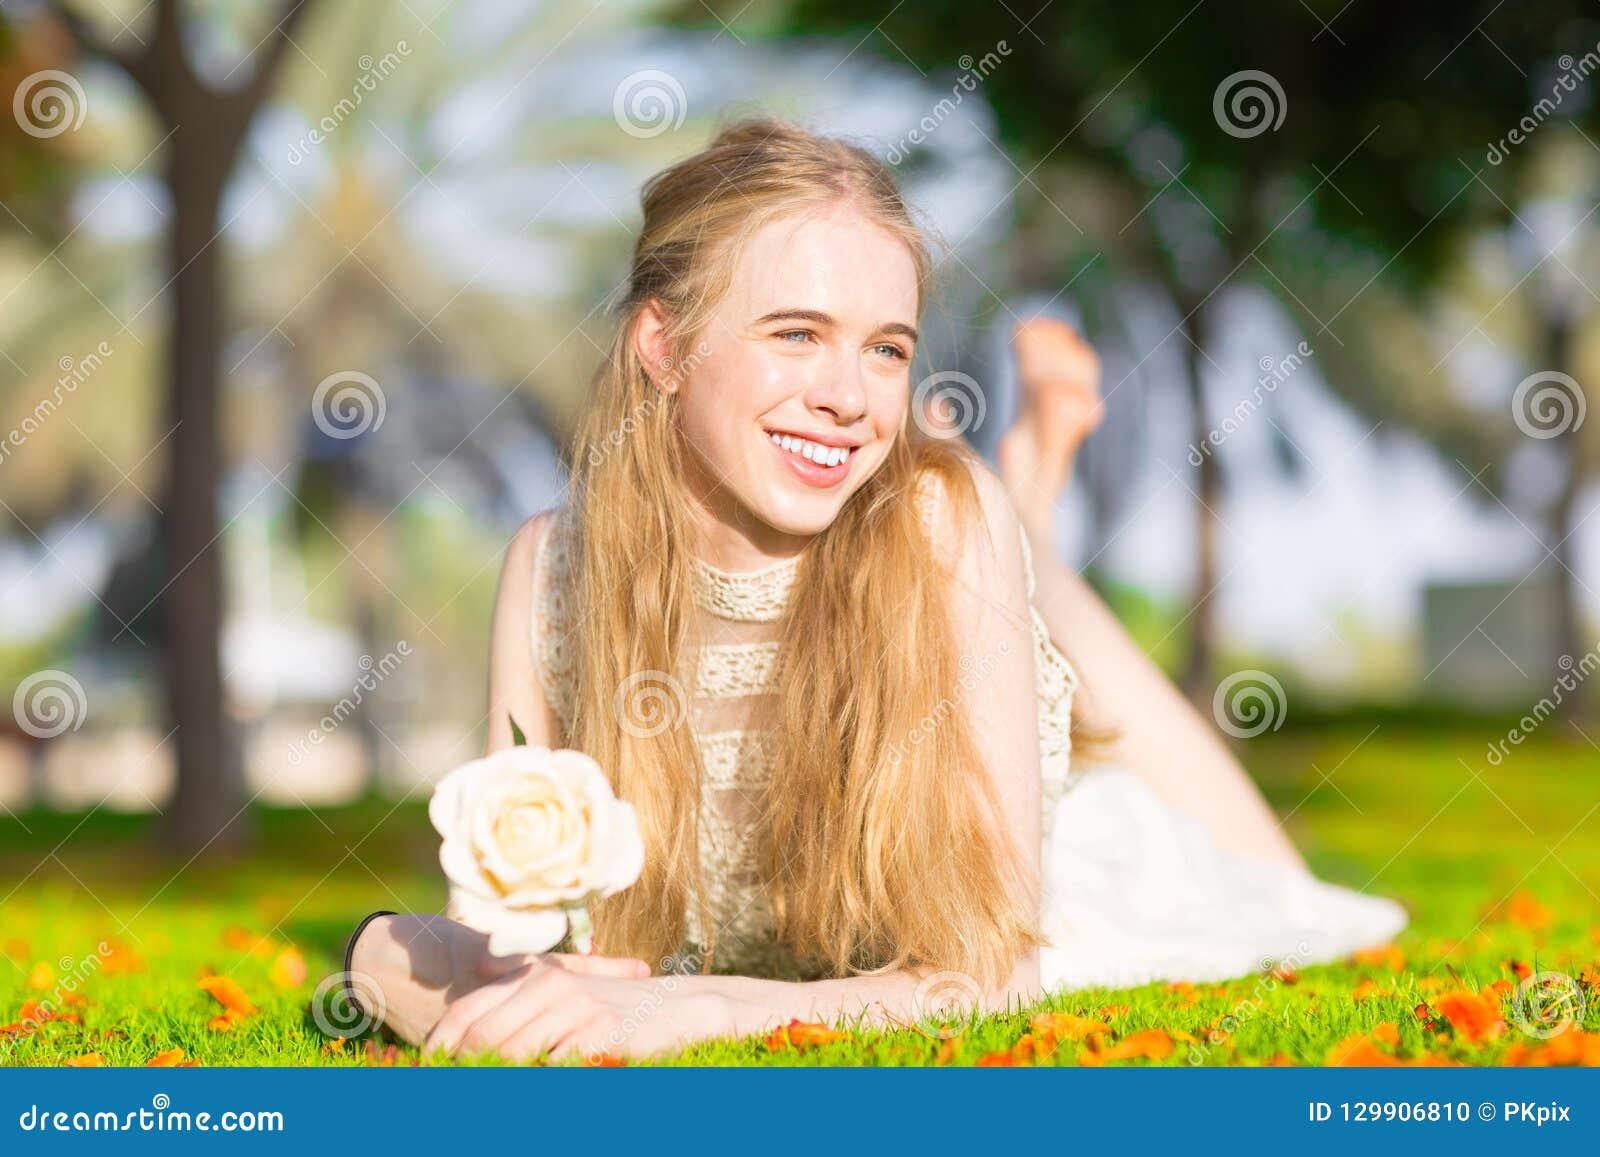 Młoda ładna dziewczyna trzyma białej róży w pogodnym parku